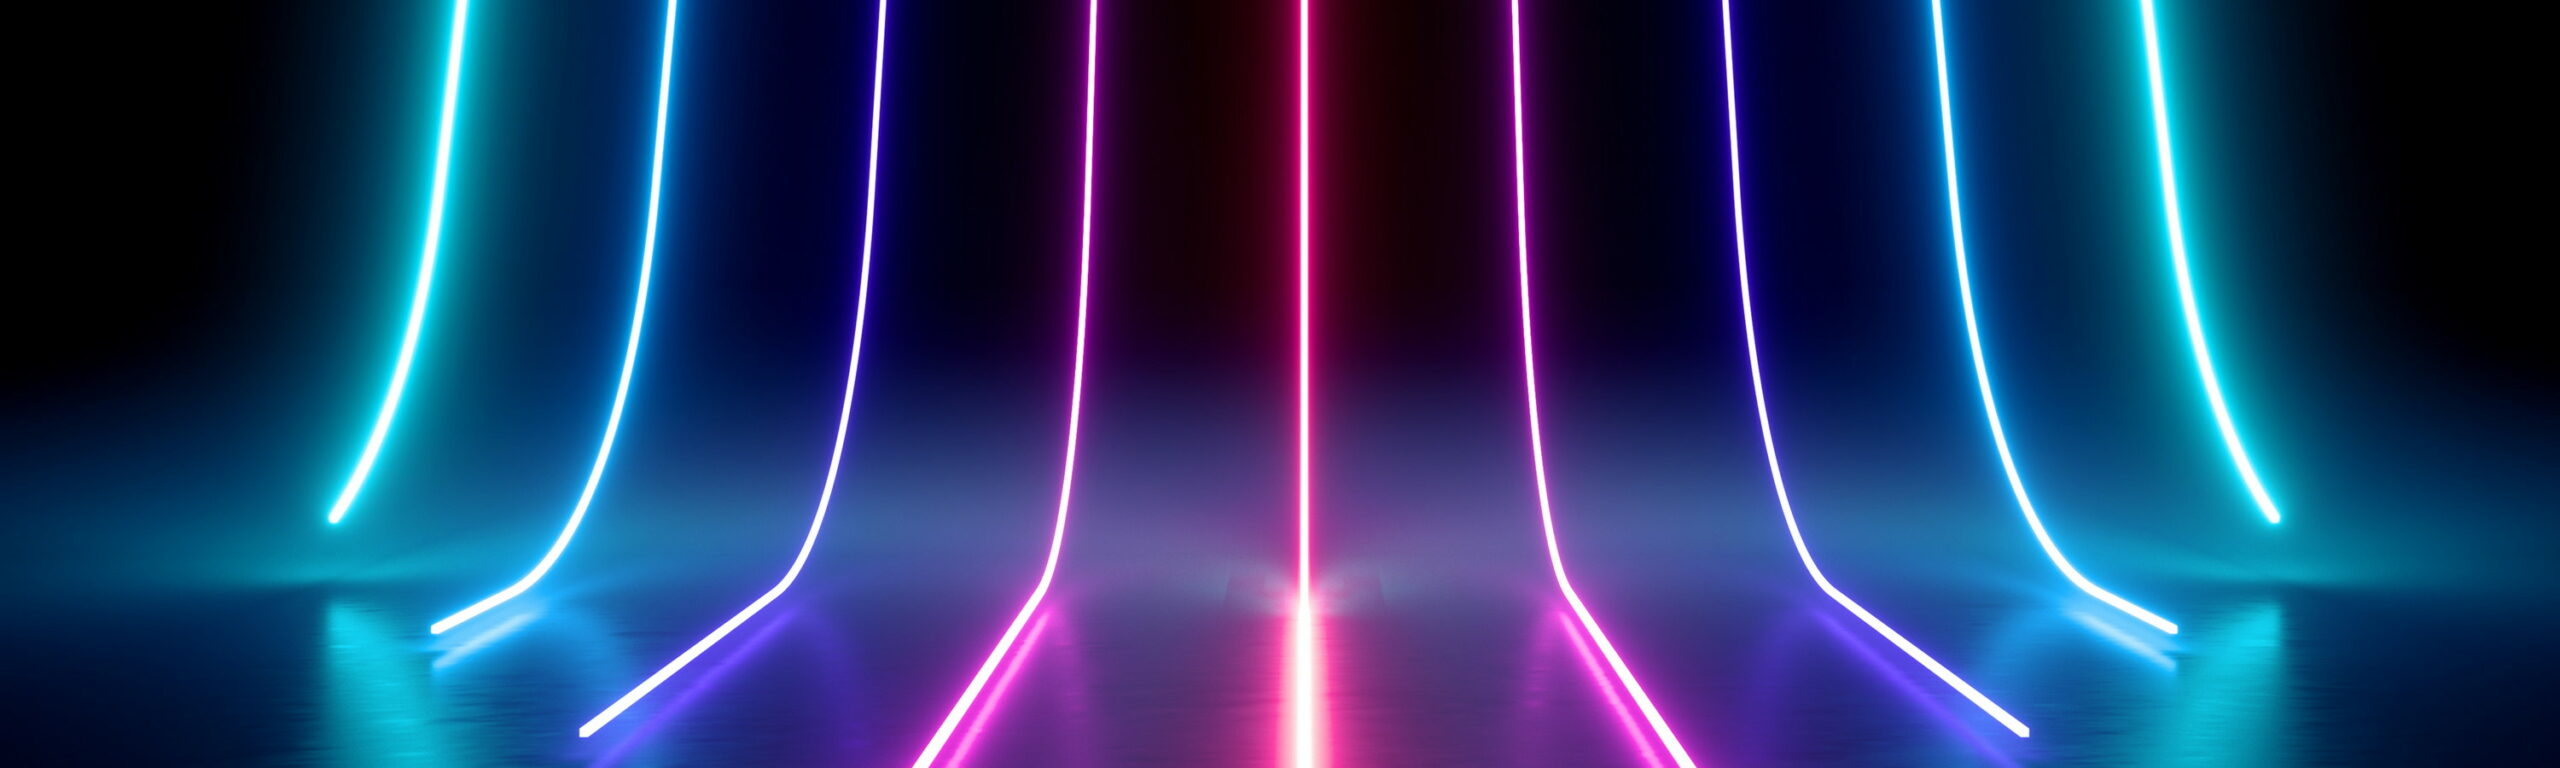 neon-nagel_header_ueber_uns